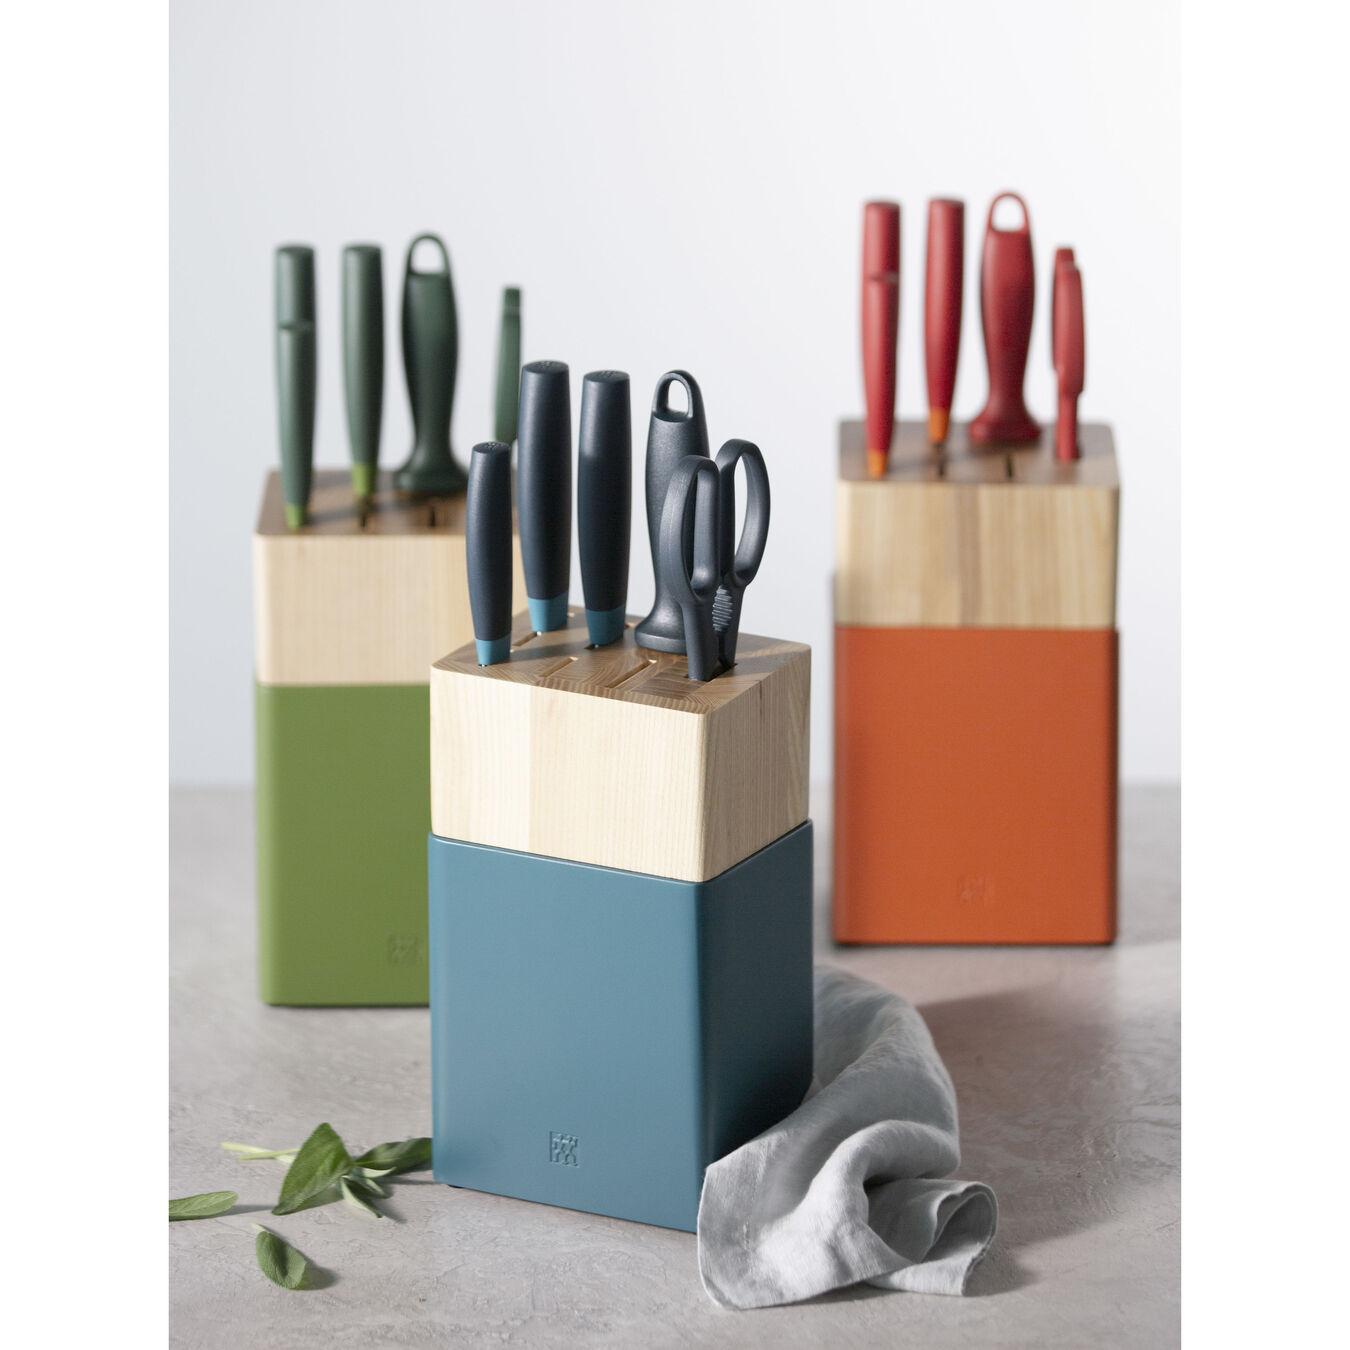 8-pc, Knife block set, blueberry,,large 5